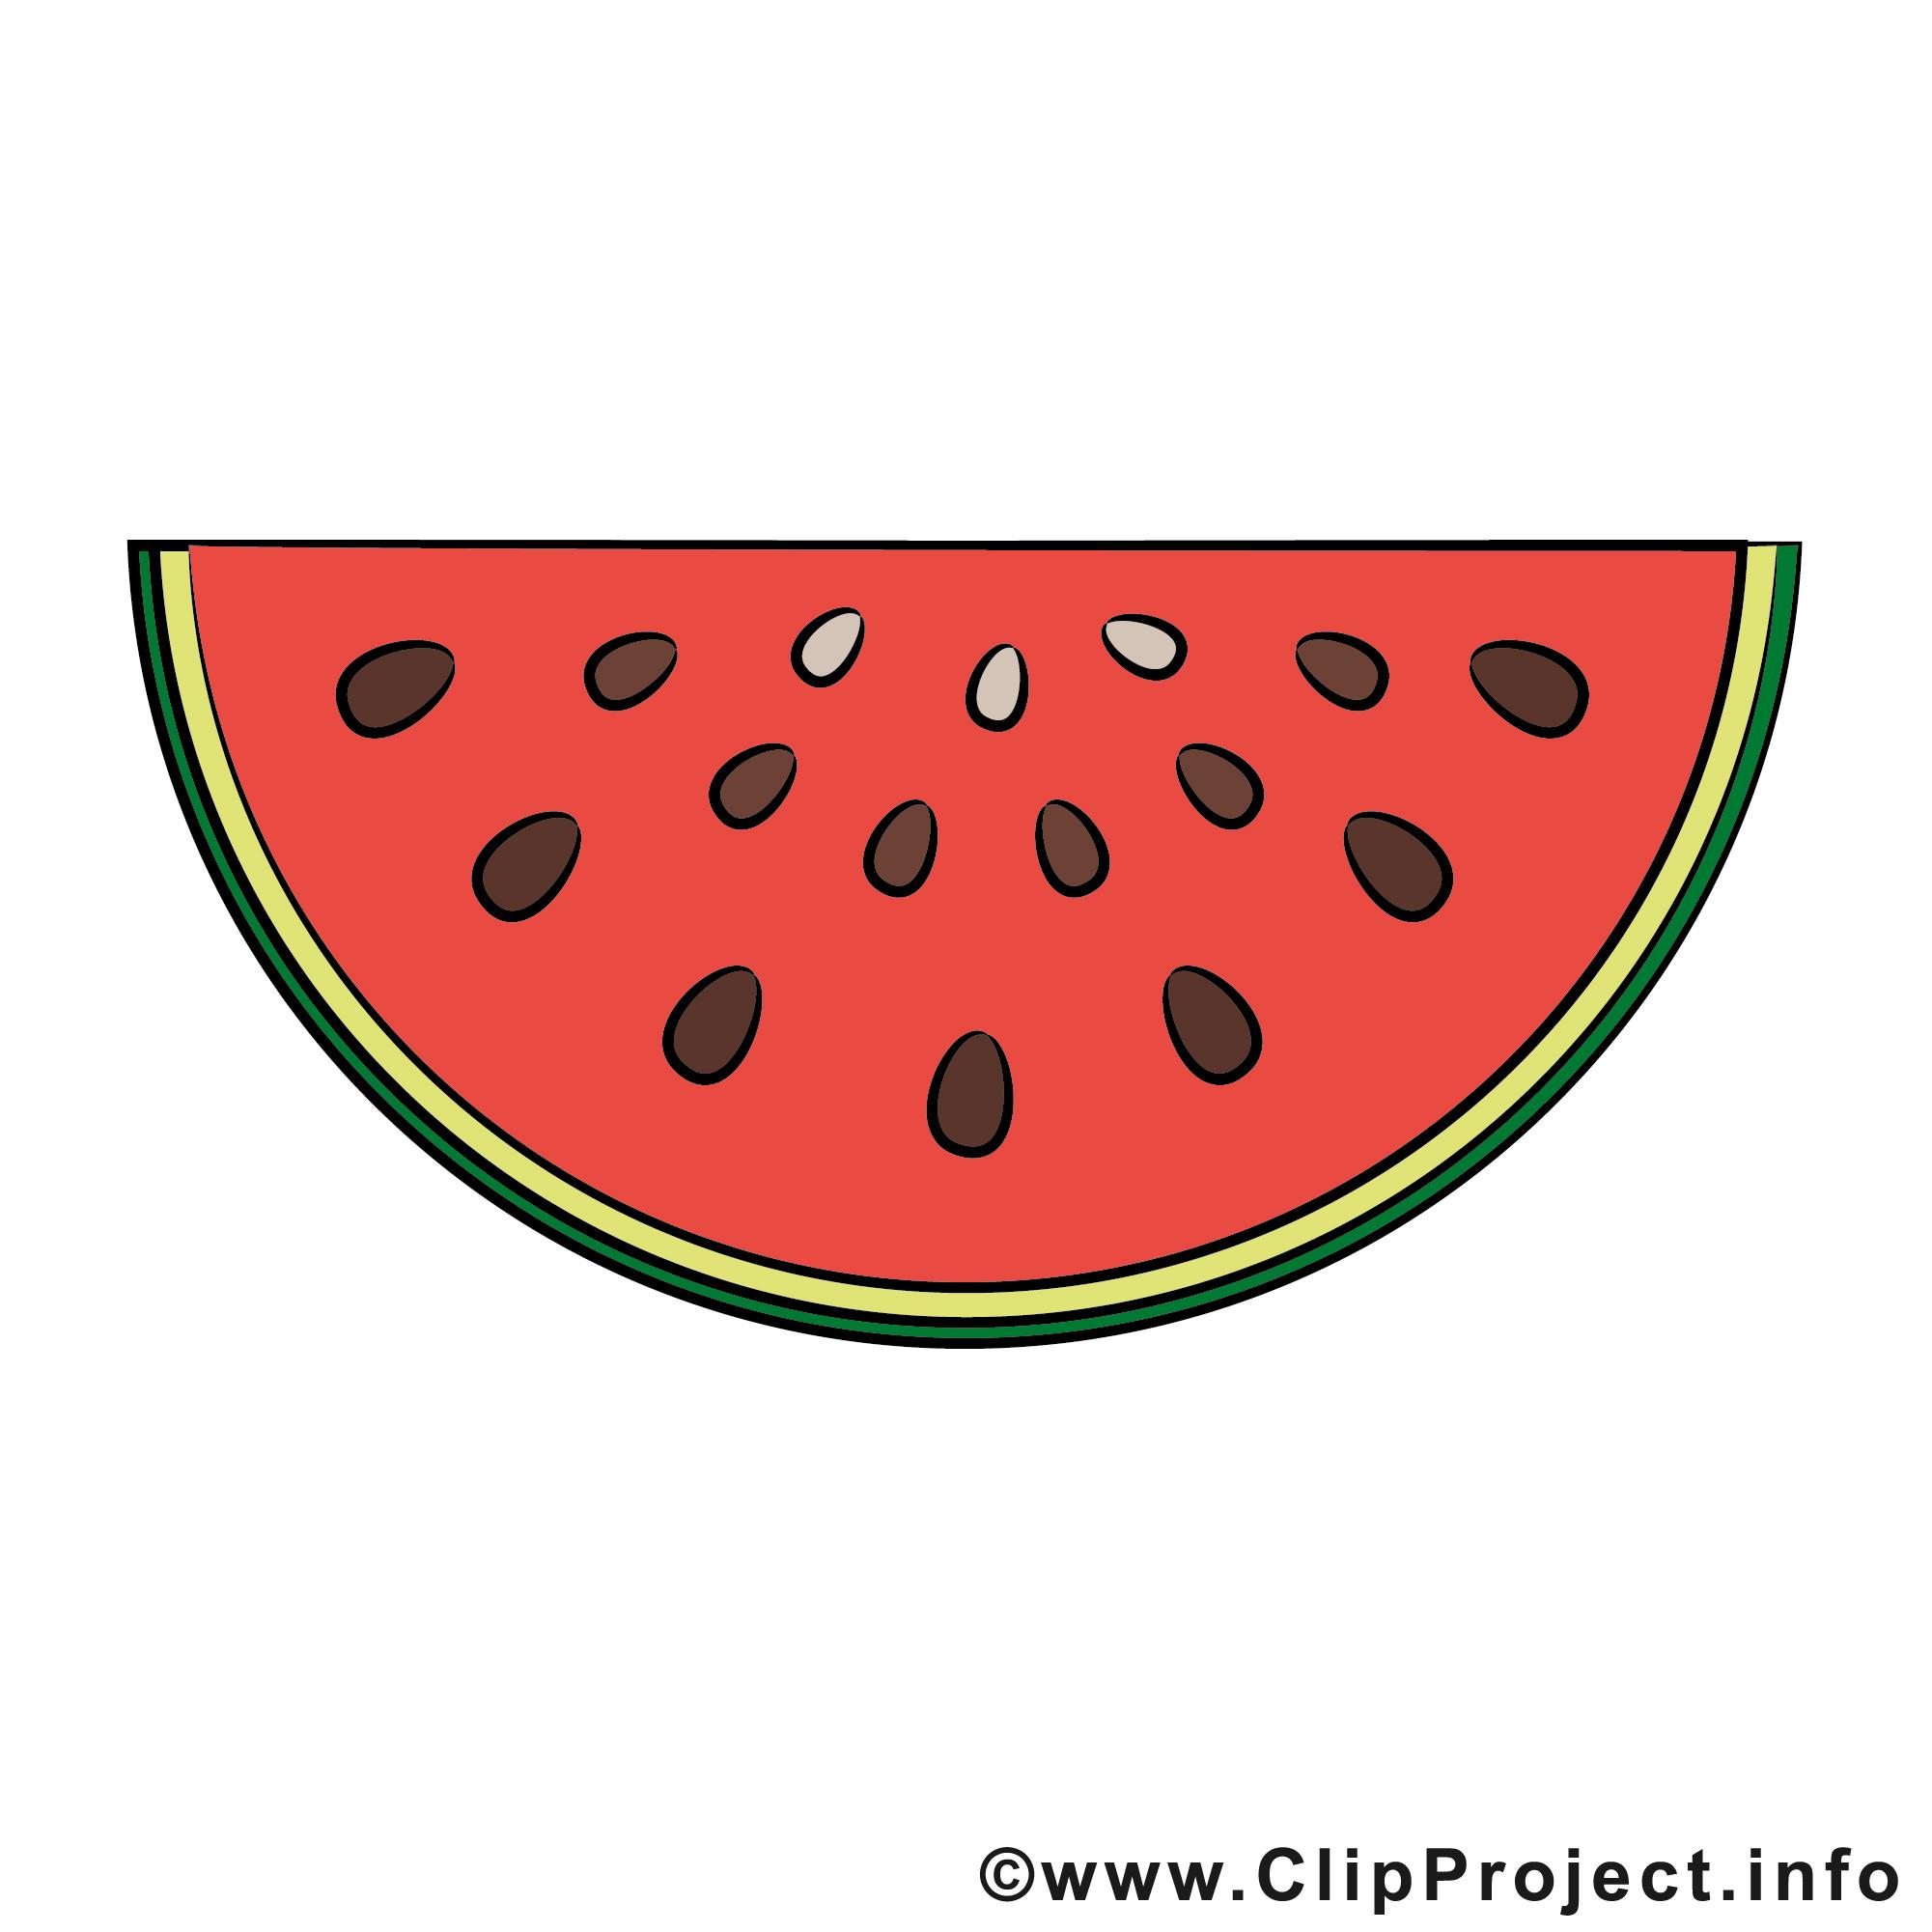 pastèque illustration  fruits images  fruits et légumes